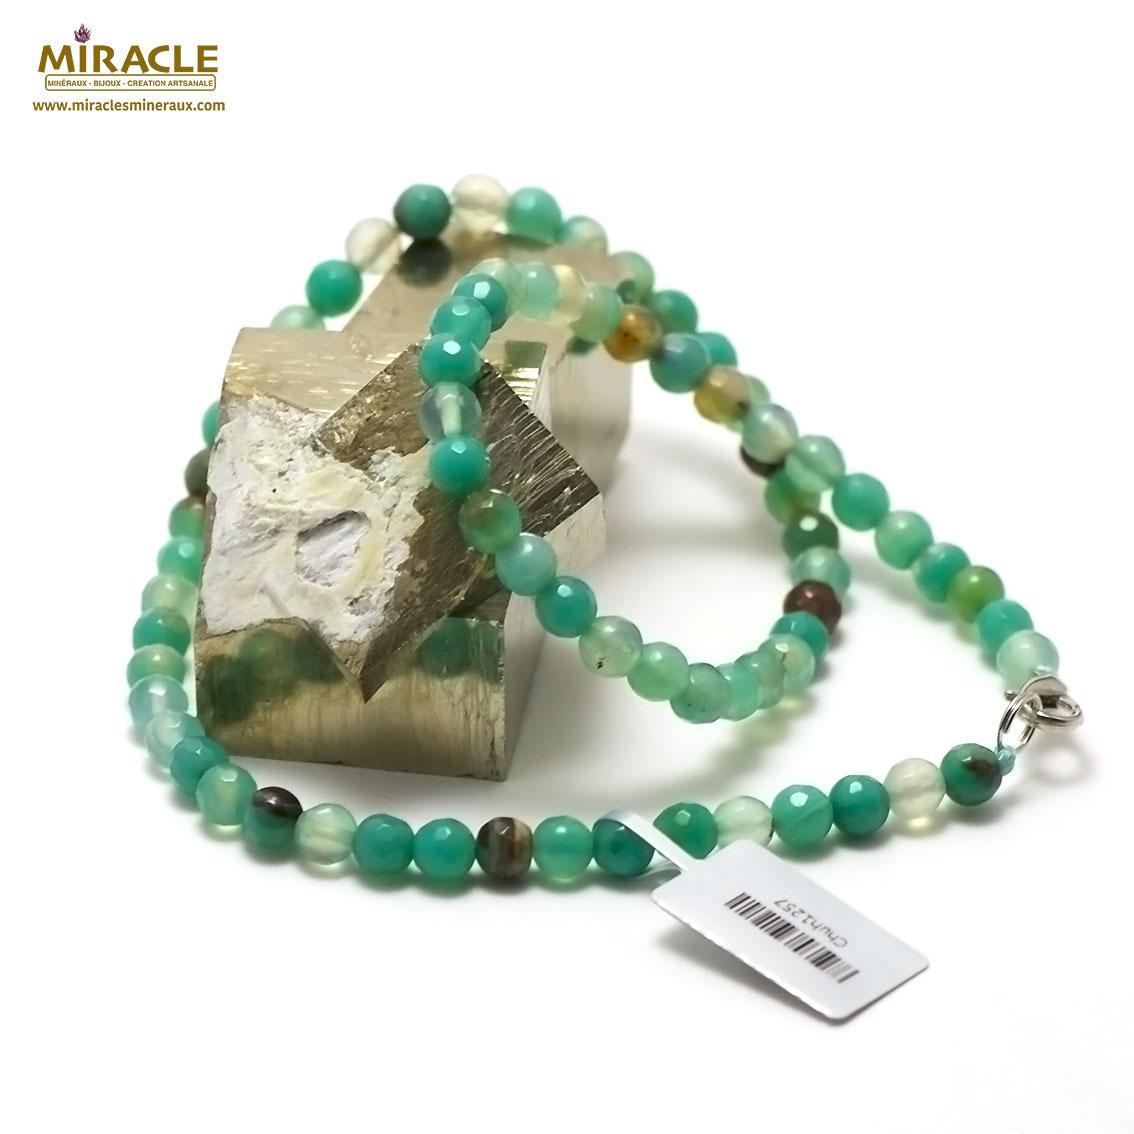 collier agate teinté vert menthe ronde facettée 6 mm